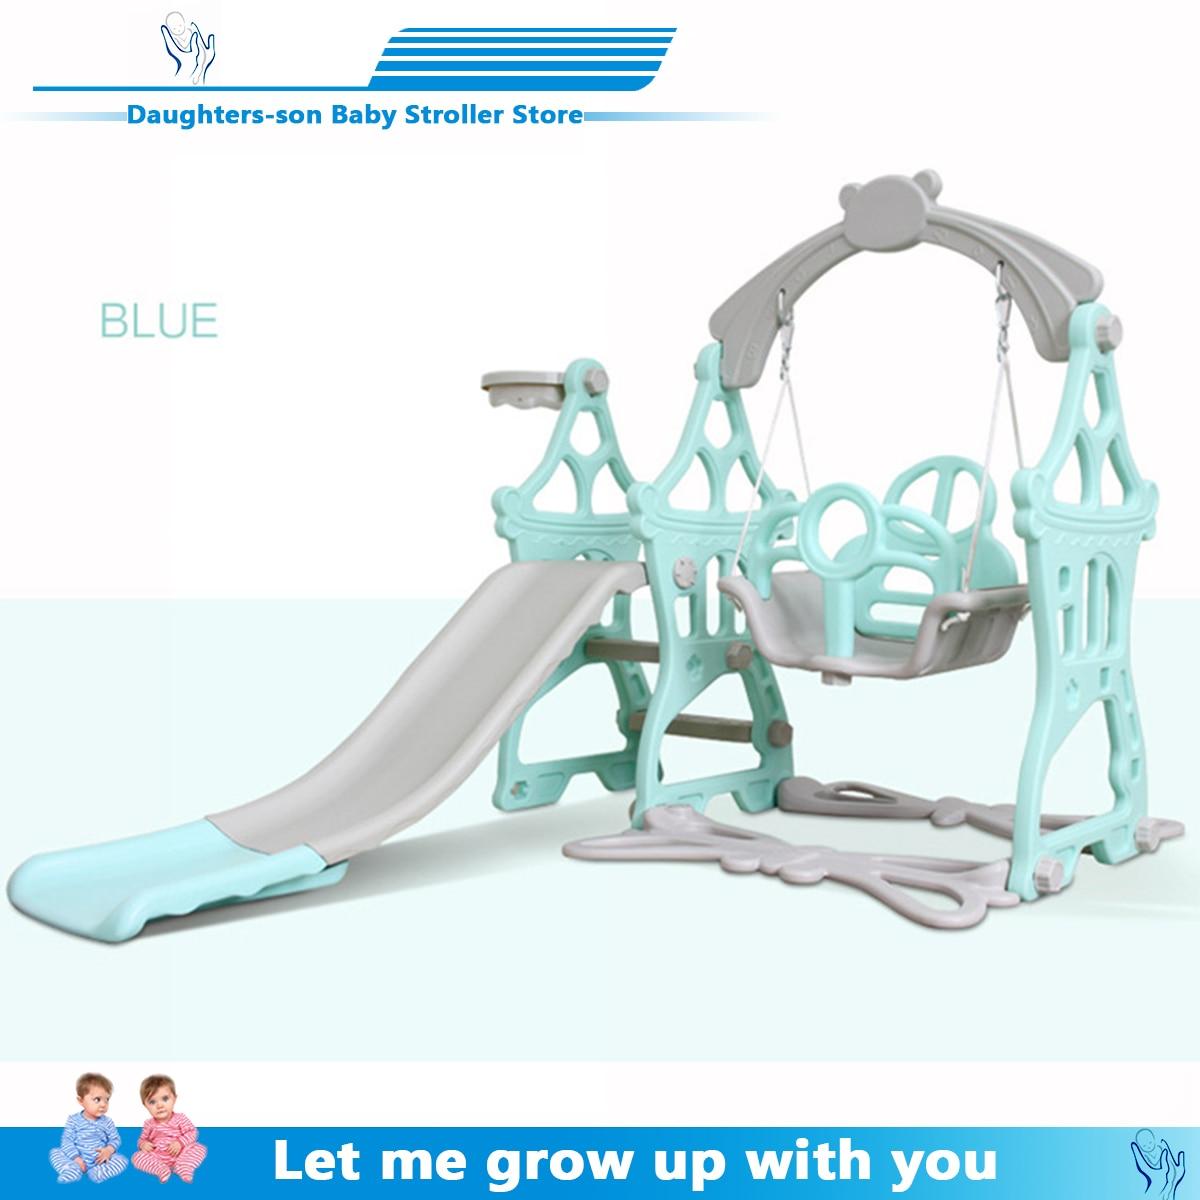 Chaise pivotante 3 en 1 pour bébé   Jeu de diapositives en plastique, basket-ball, histoire, pour la maison, jeux d'enfants, jouet d'intérieur et de famille, jardin d'enfants